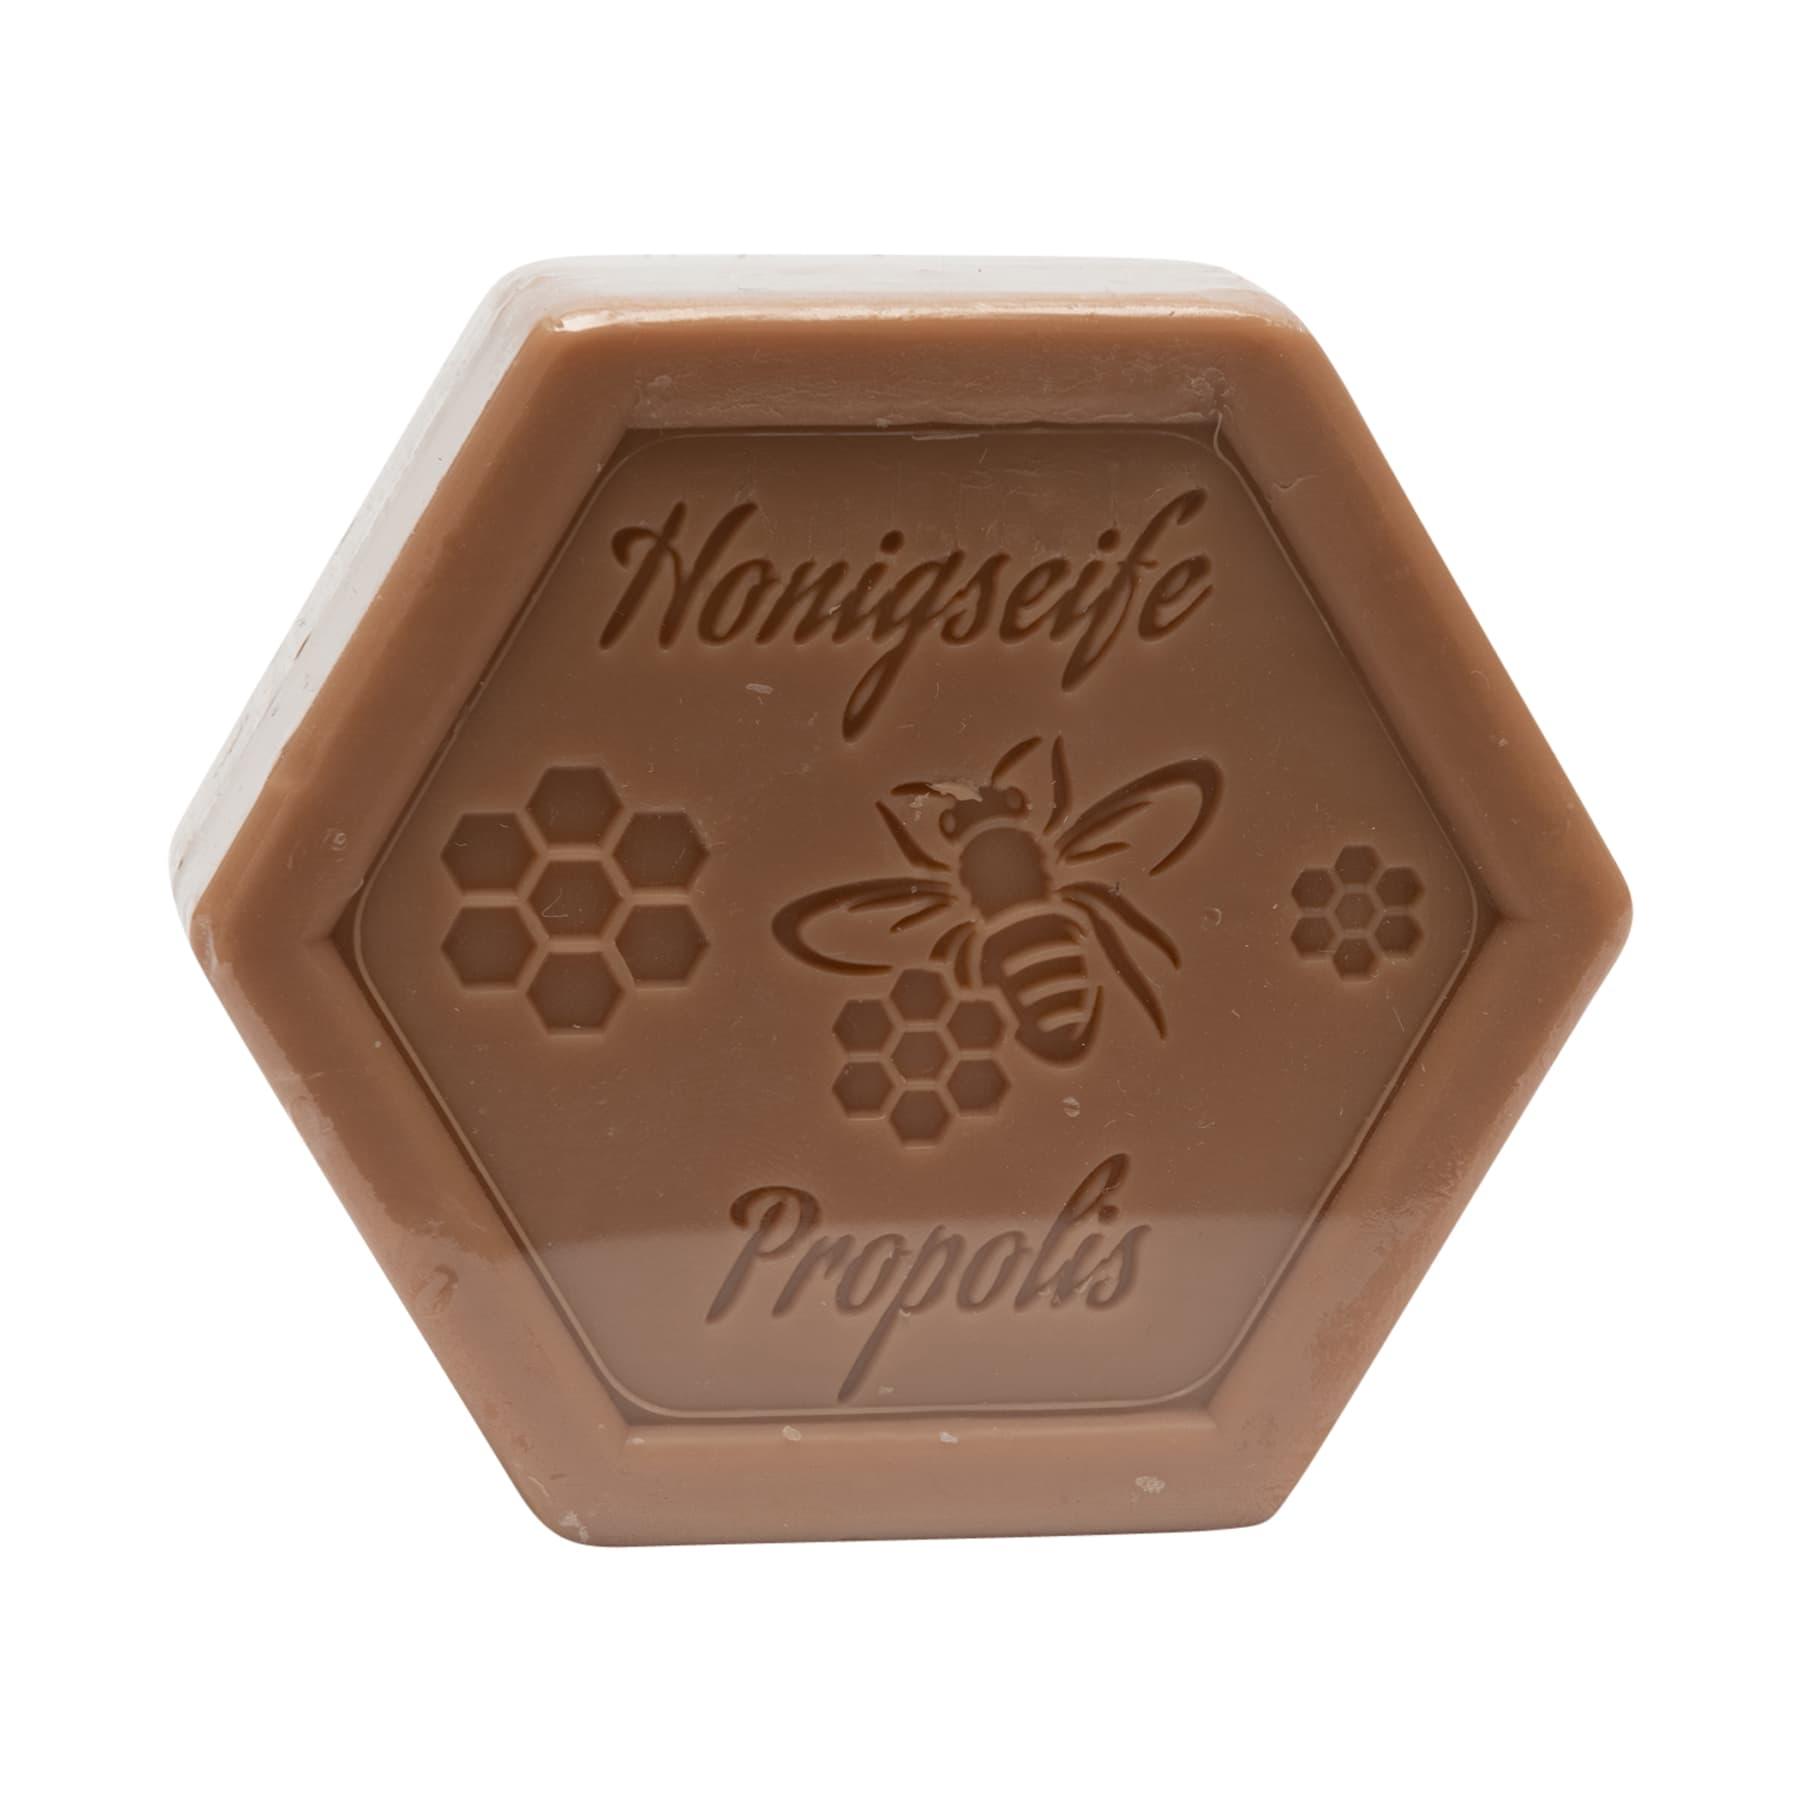 Honigseife mit Propolis100 g in Sechseckform, foliert und etikettiert